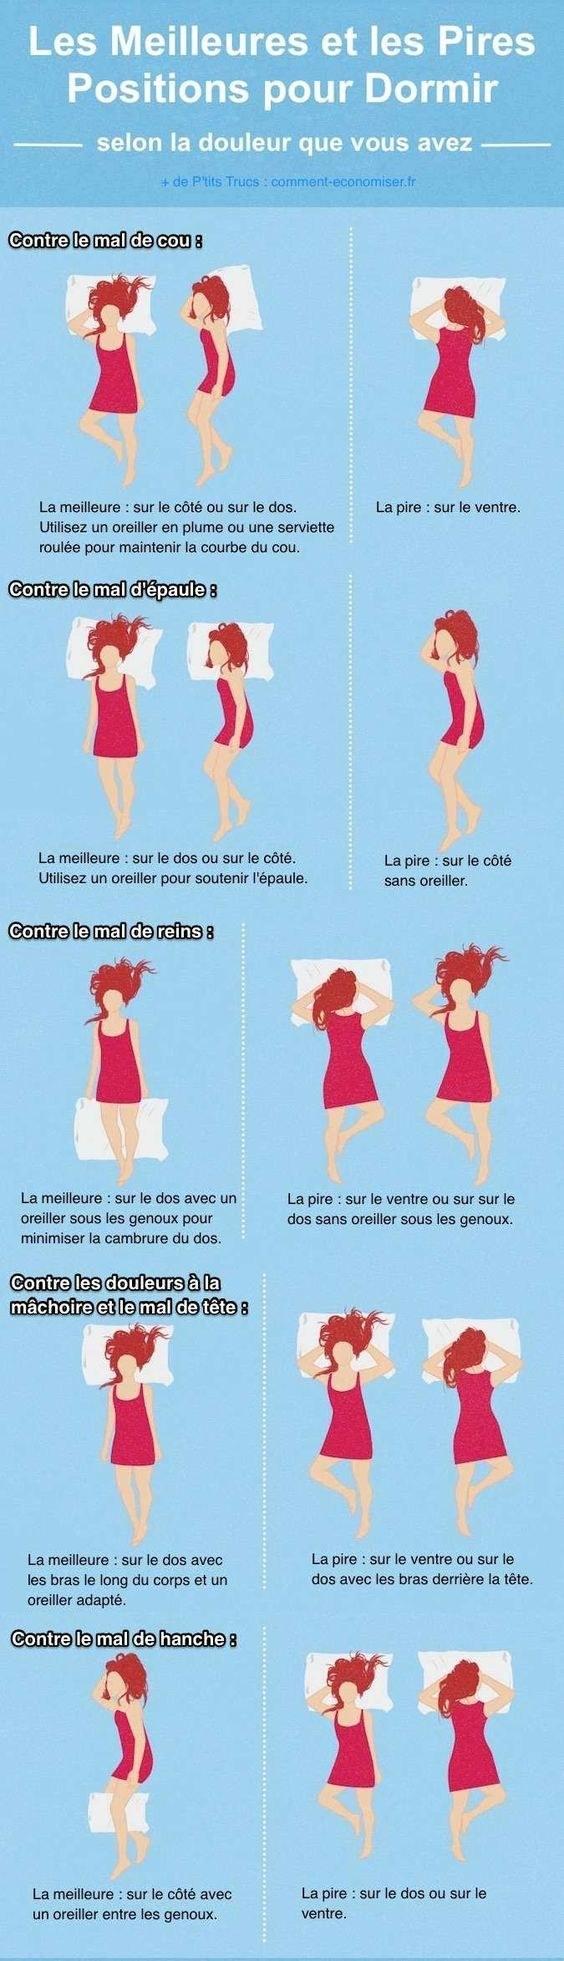 comment dormir pour eviter les rides